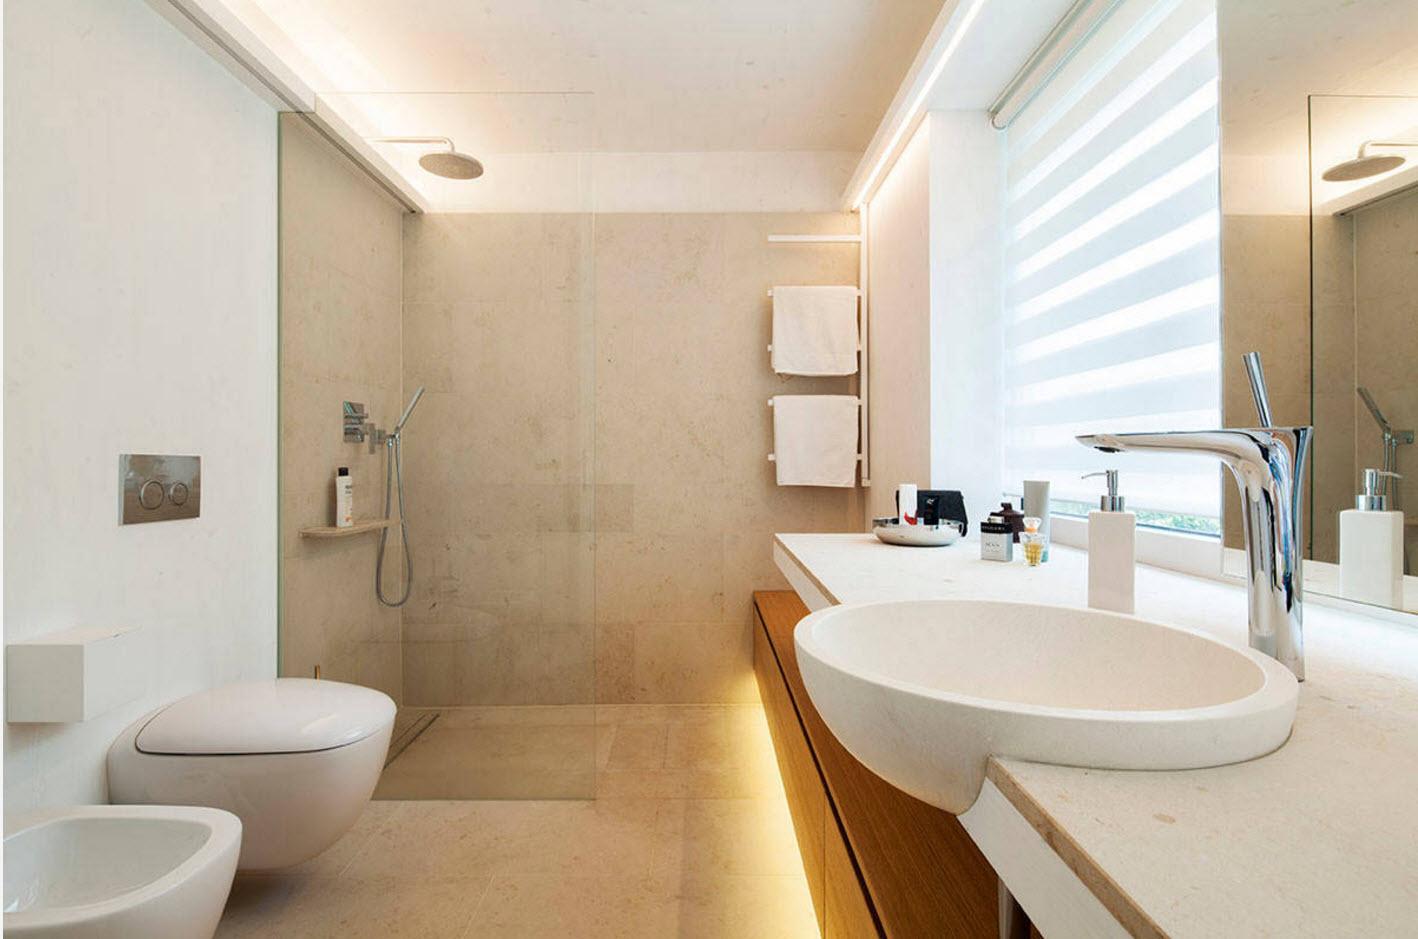 Ванная, совмещенная с туалетом